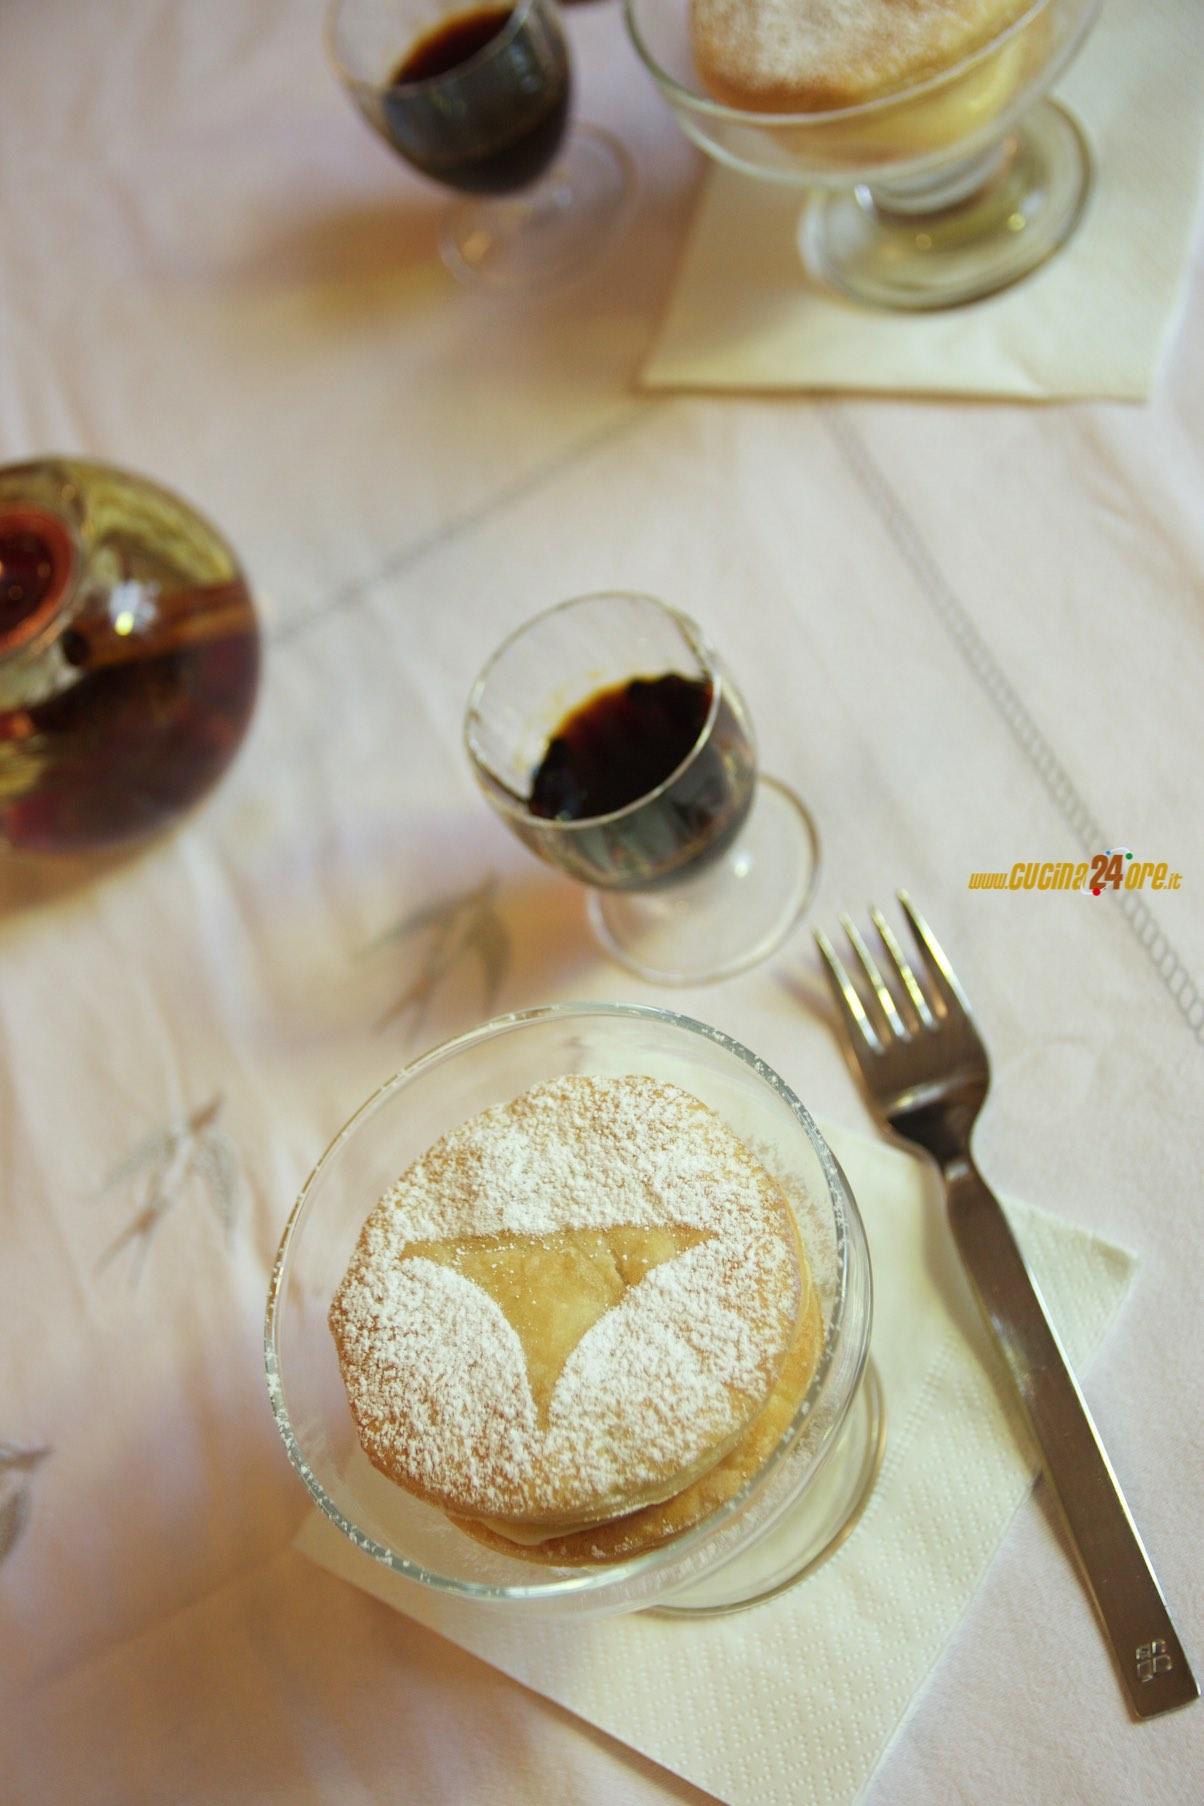 Dolce di Natale, il Millefoglie al creme caramel senza glutine – Dessert velocissimo